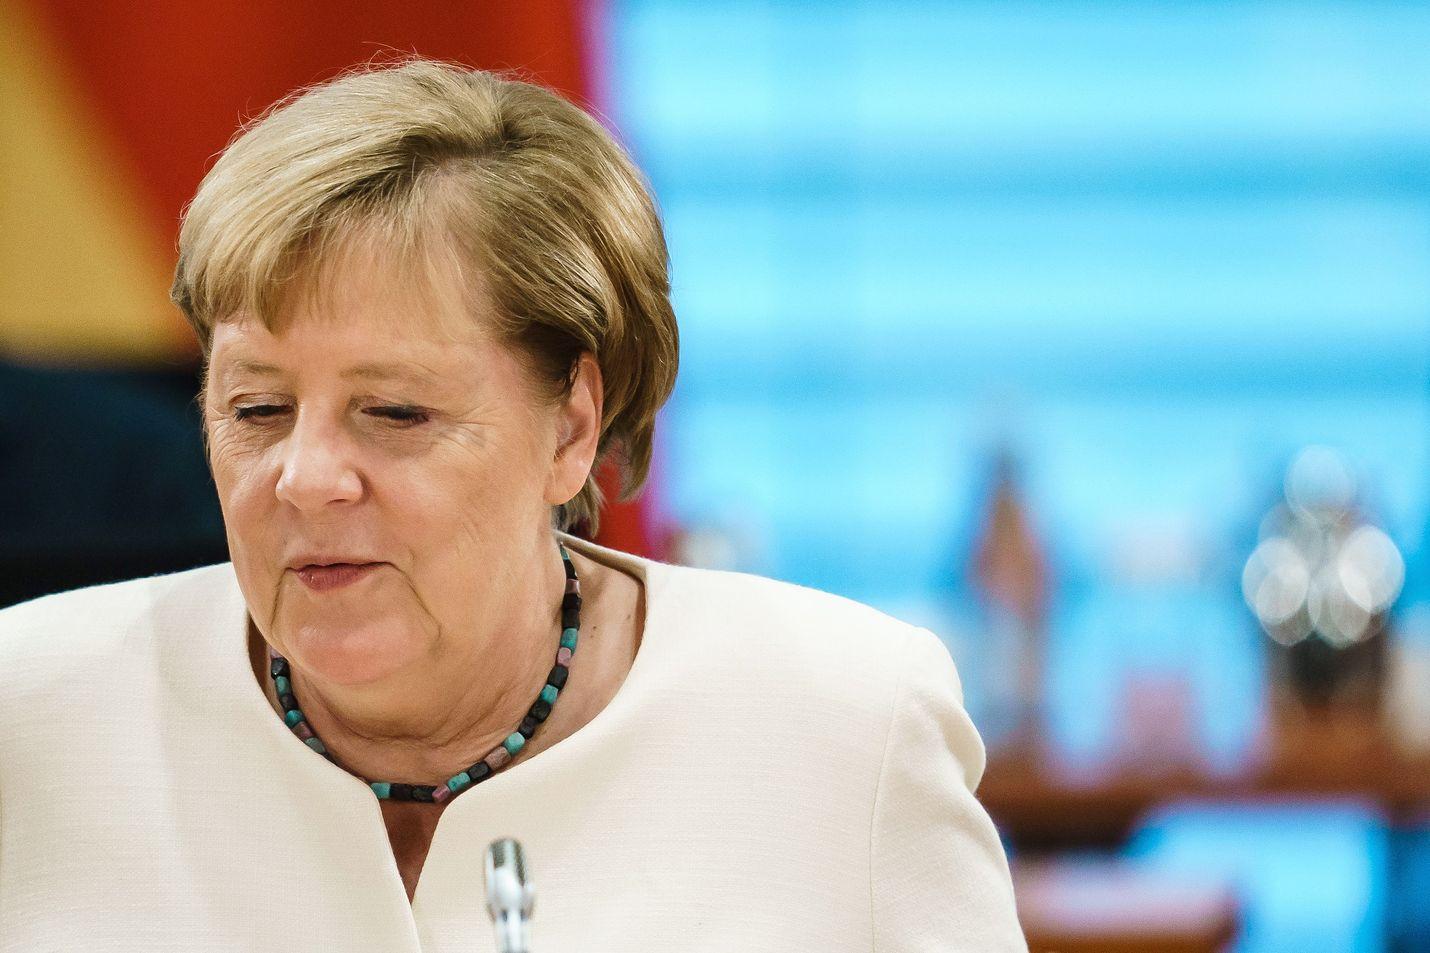 Saksan liittokansleri Angela Merkel tapasi venäläisen oppositiojohtaja Aleksei Navalnyin sairaalassa Berliinissä, kertoi saksalaislehti.